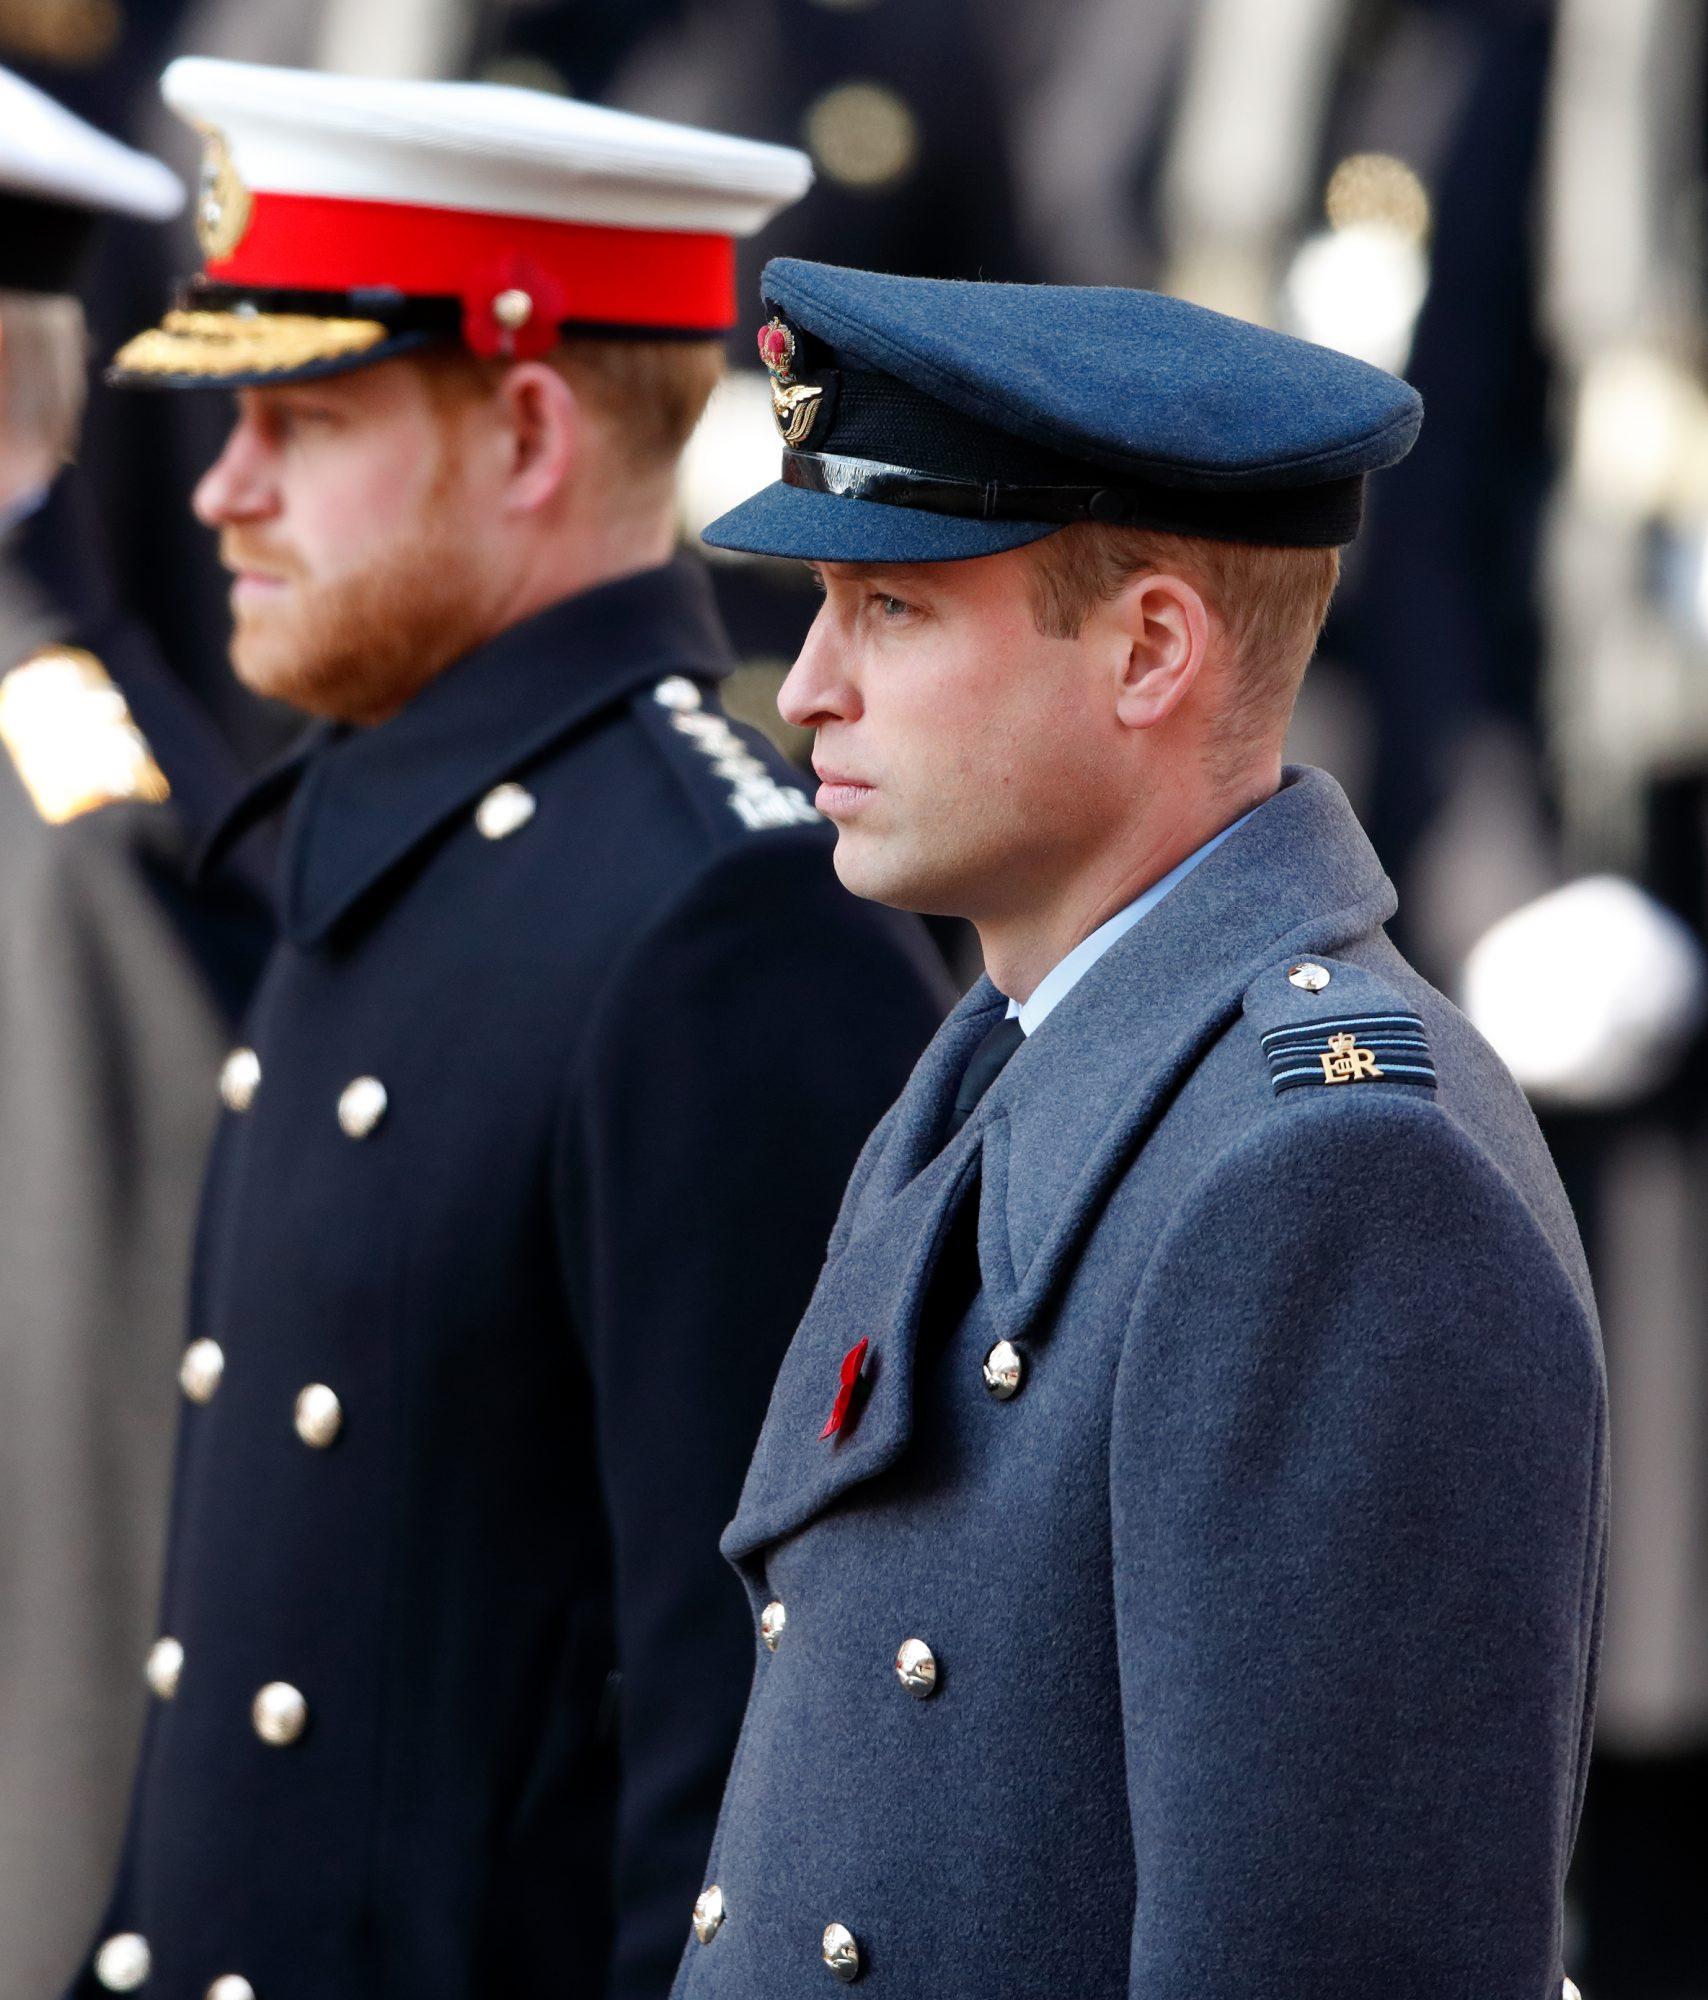 Principe William Principe Harry